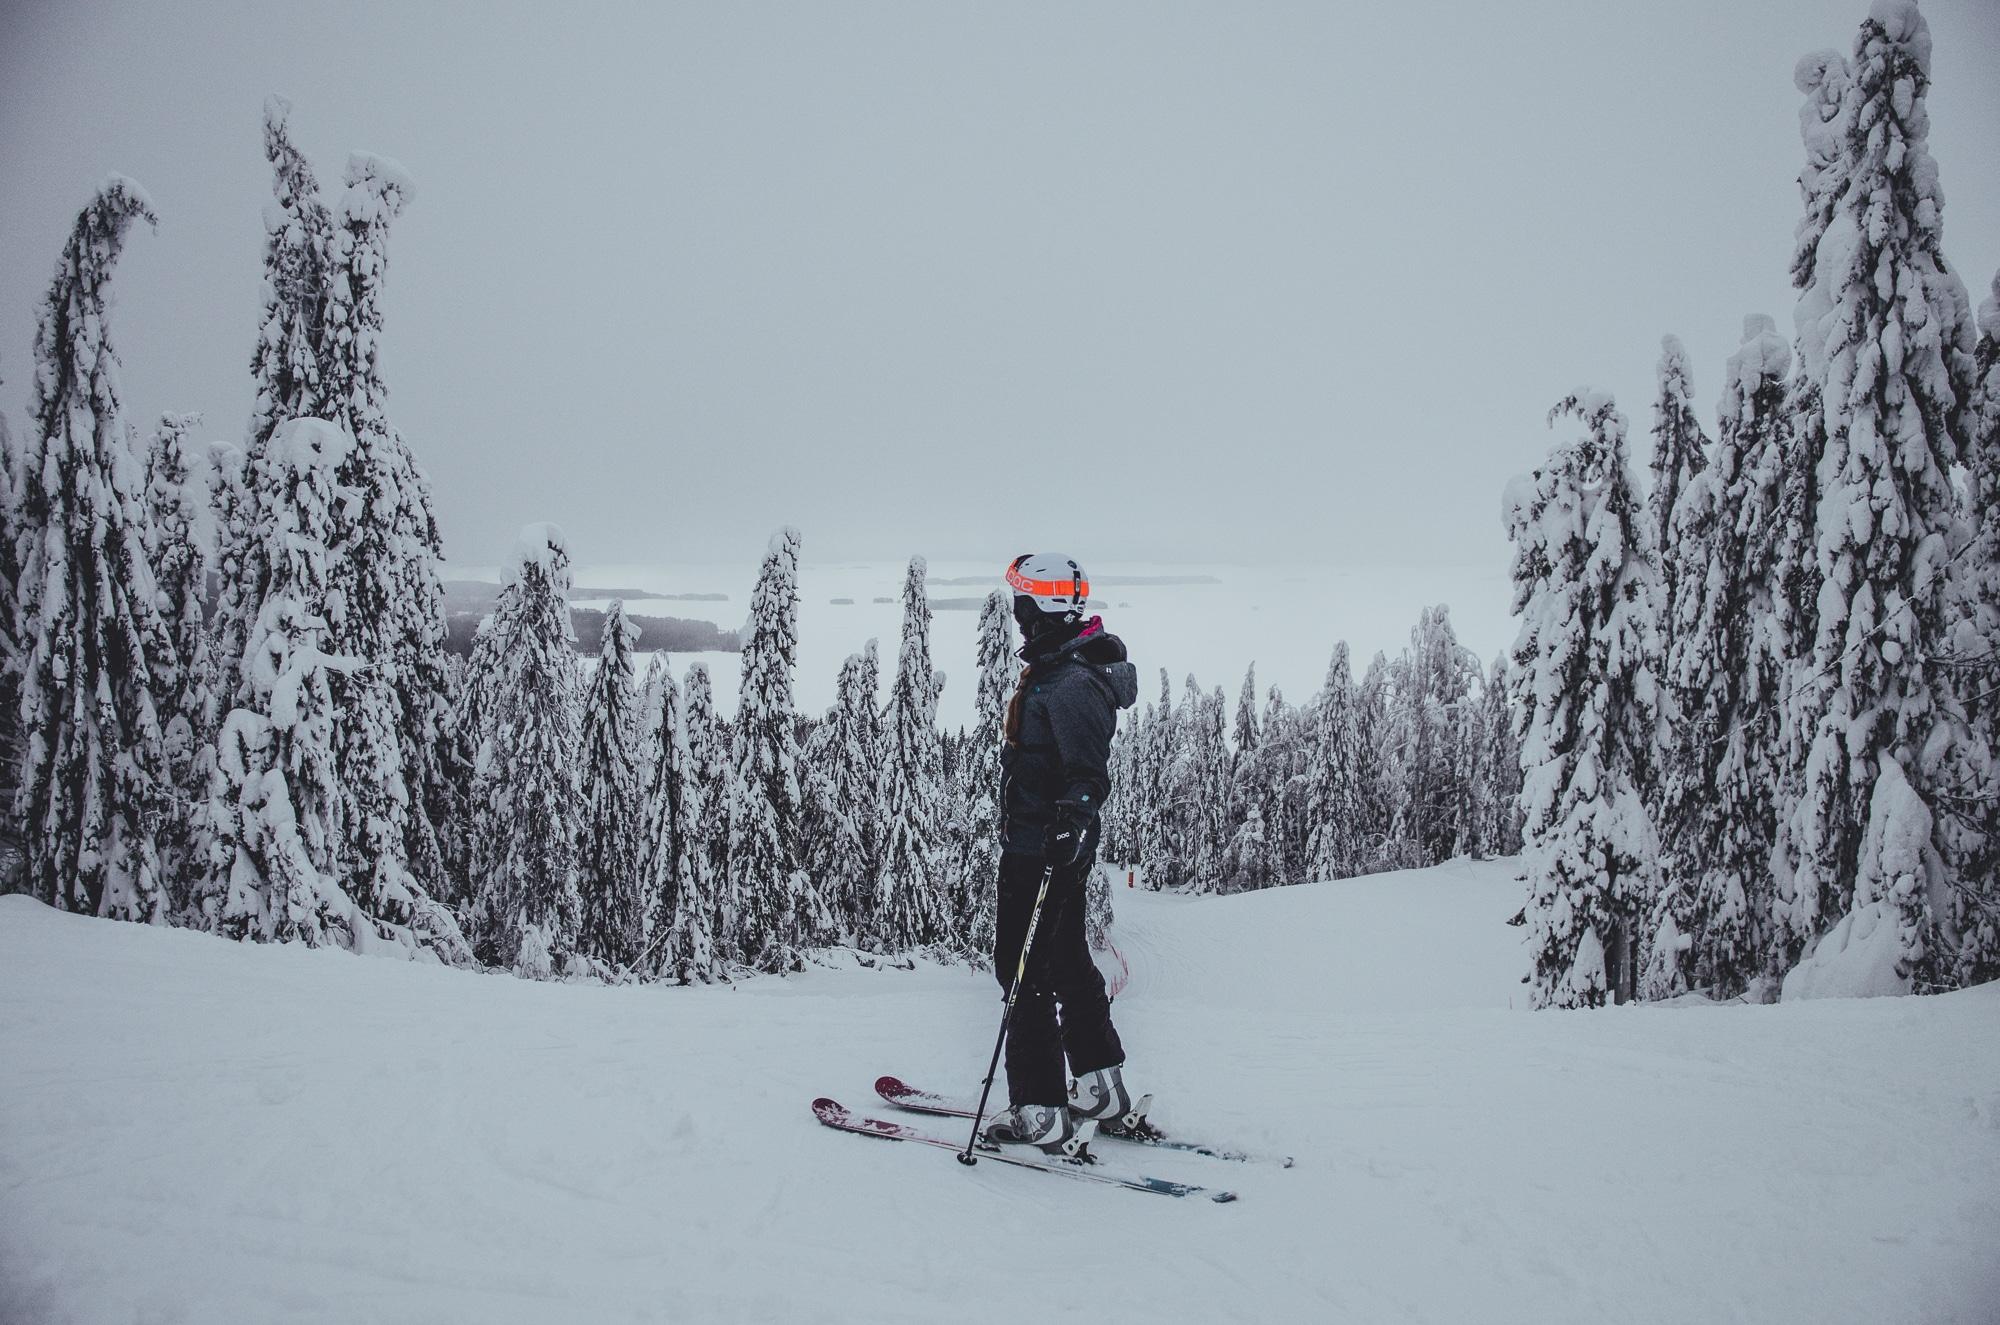 Skigebiet Koli: Skifahren, Islandpferde Reiten, Wintersport und mehr in Koli, Finnland